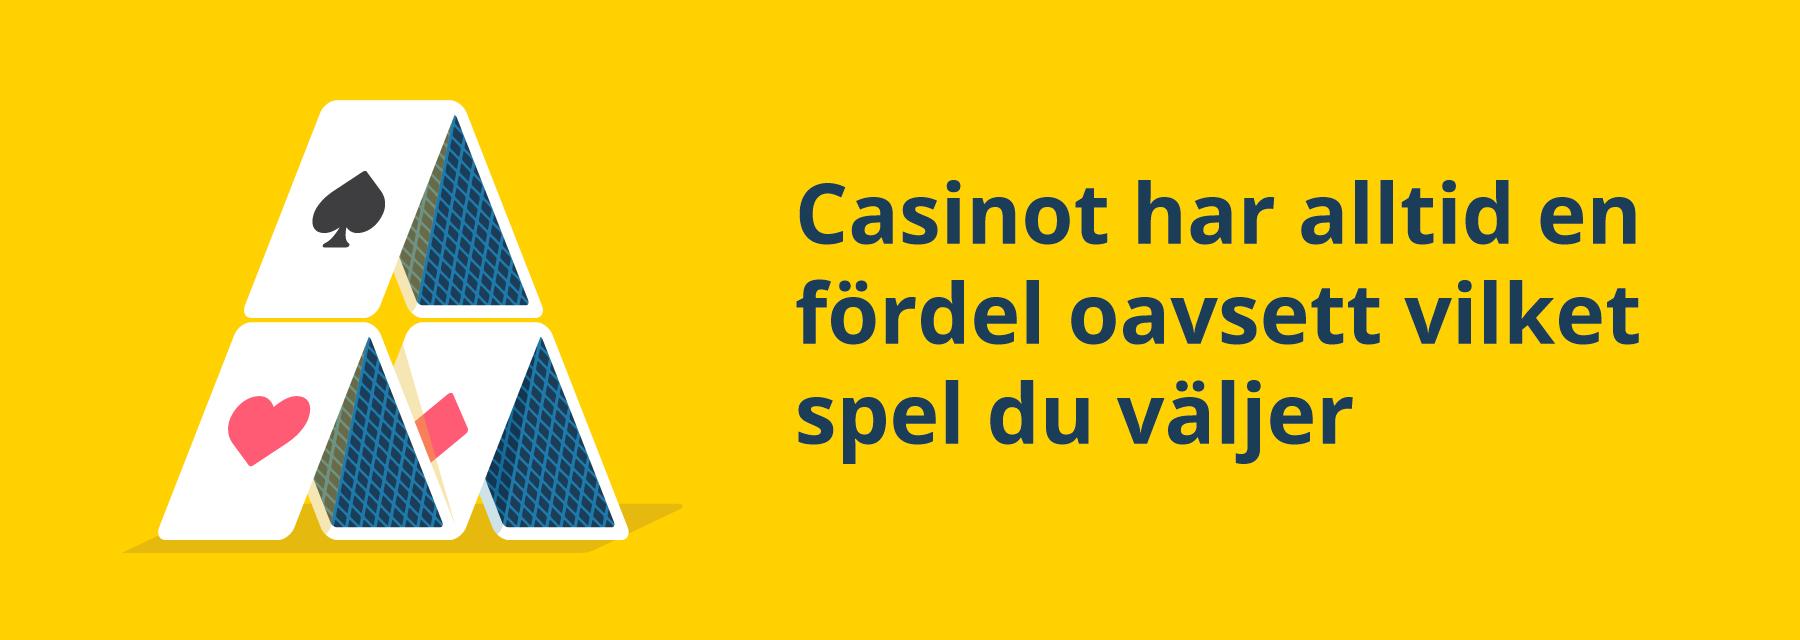 Casinots fördel